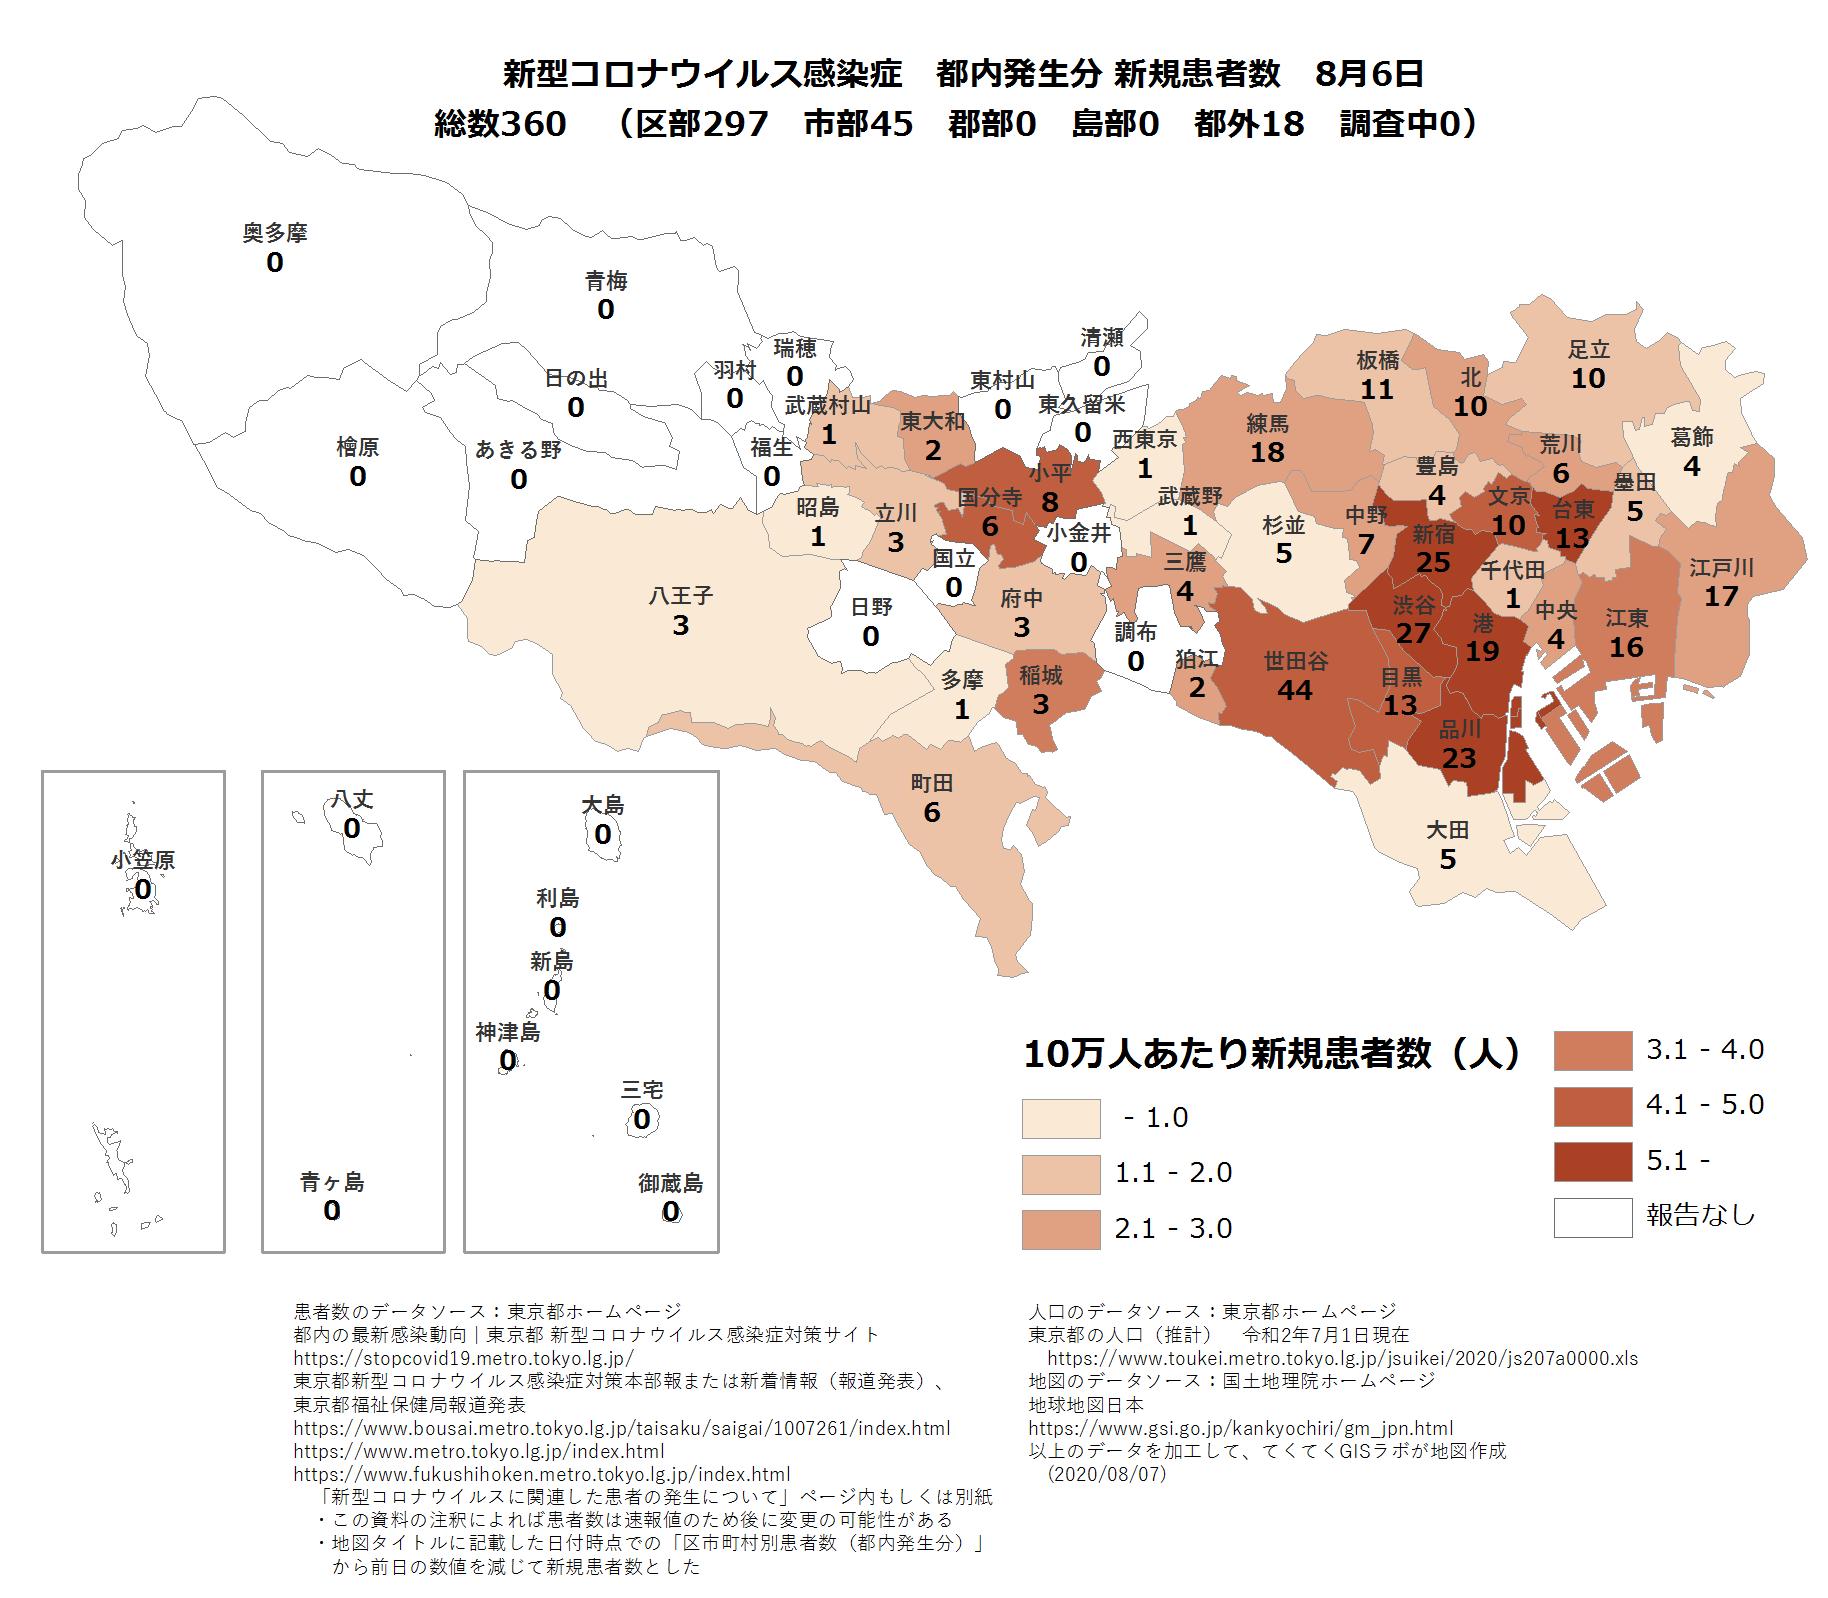 市区町村ごと新規患者数8月6日東京